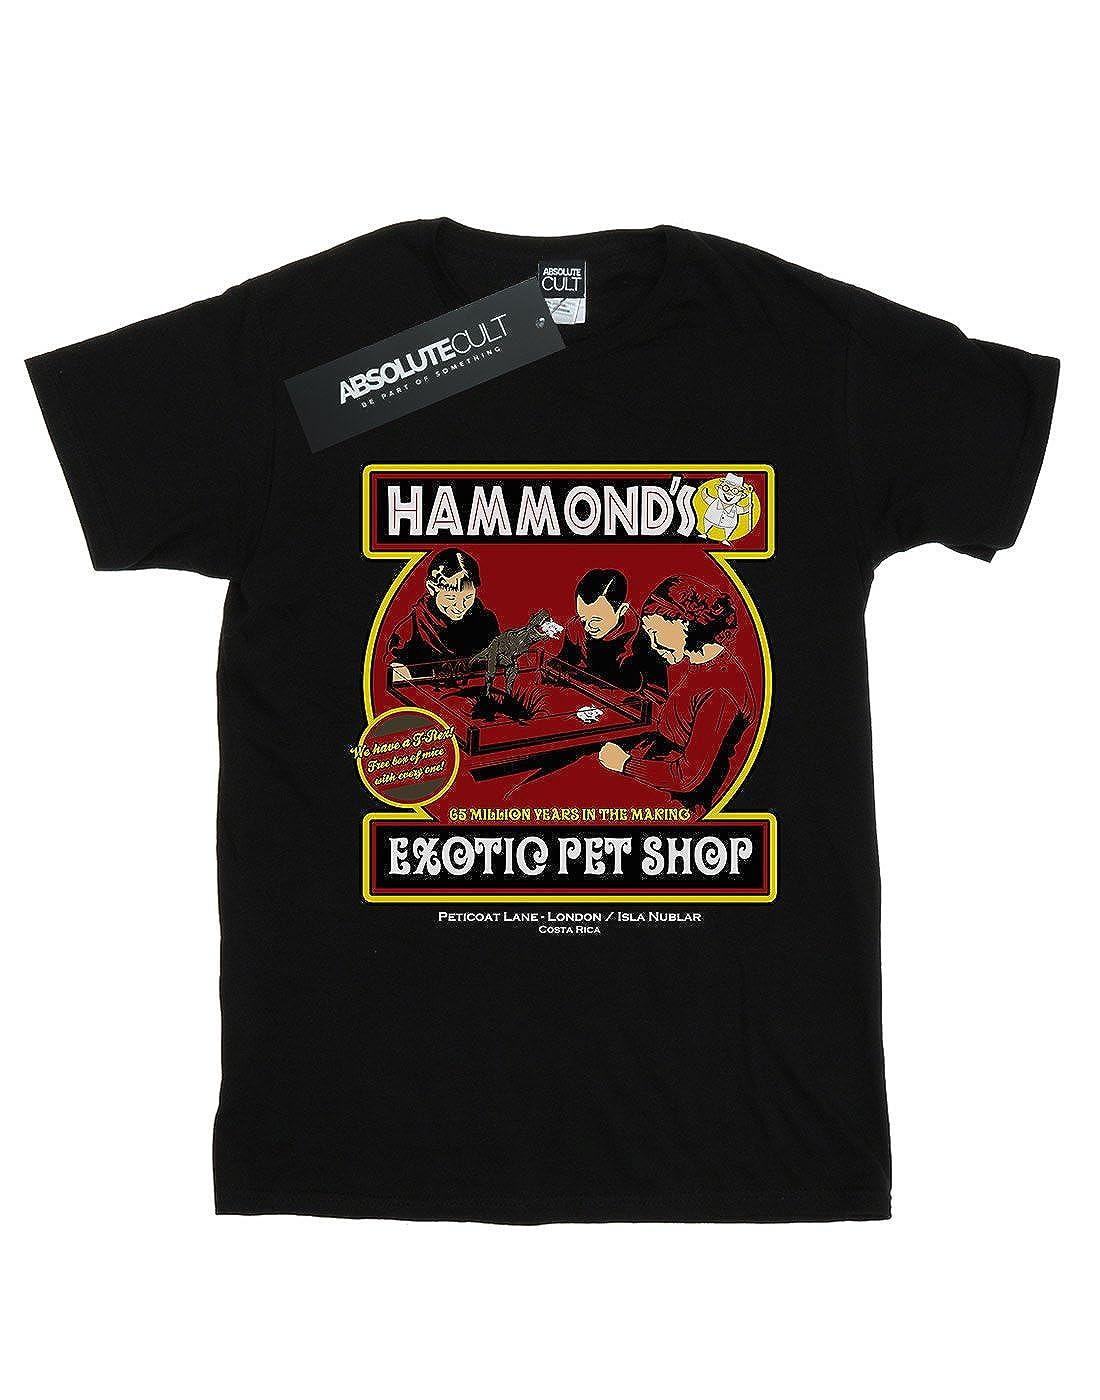 Absolute Cult Alex Chenery Niñas Hammonds Pet Shop Camiseta: Amazon.es: Ropa y accesorios